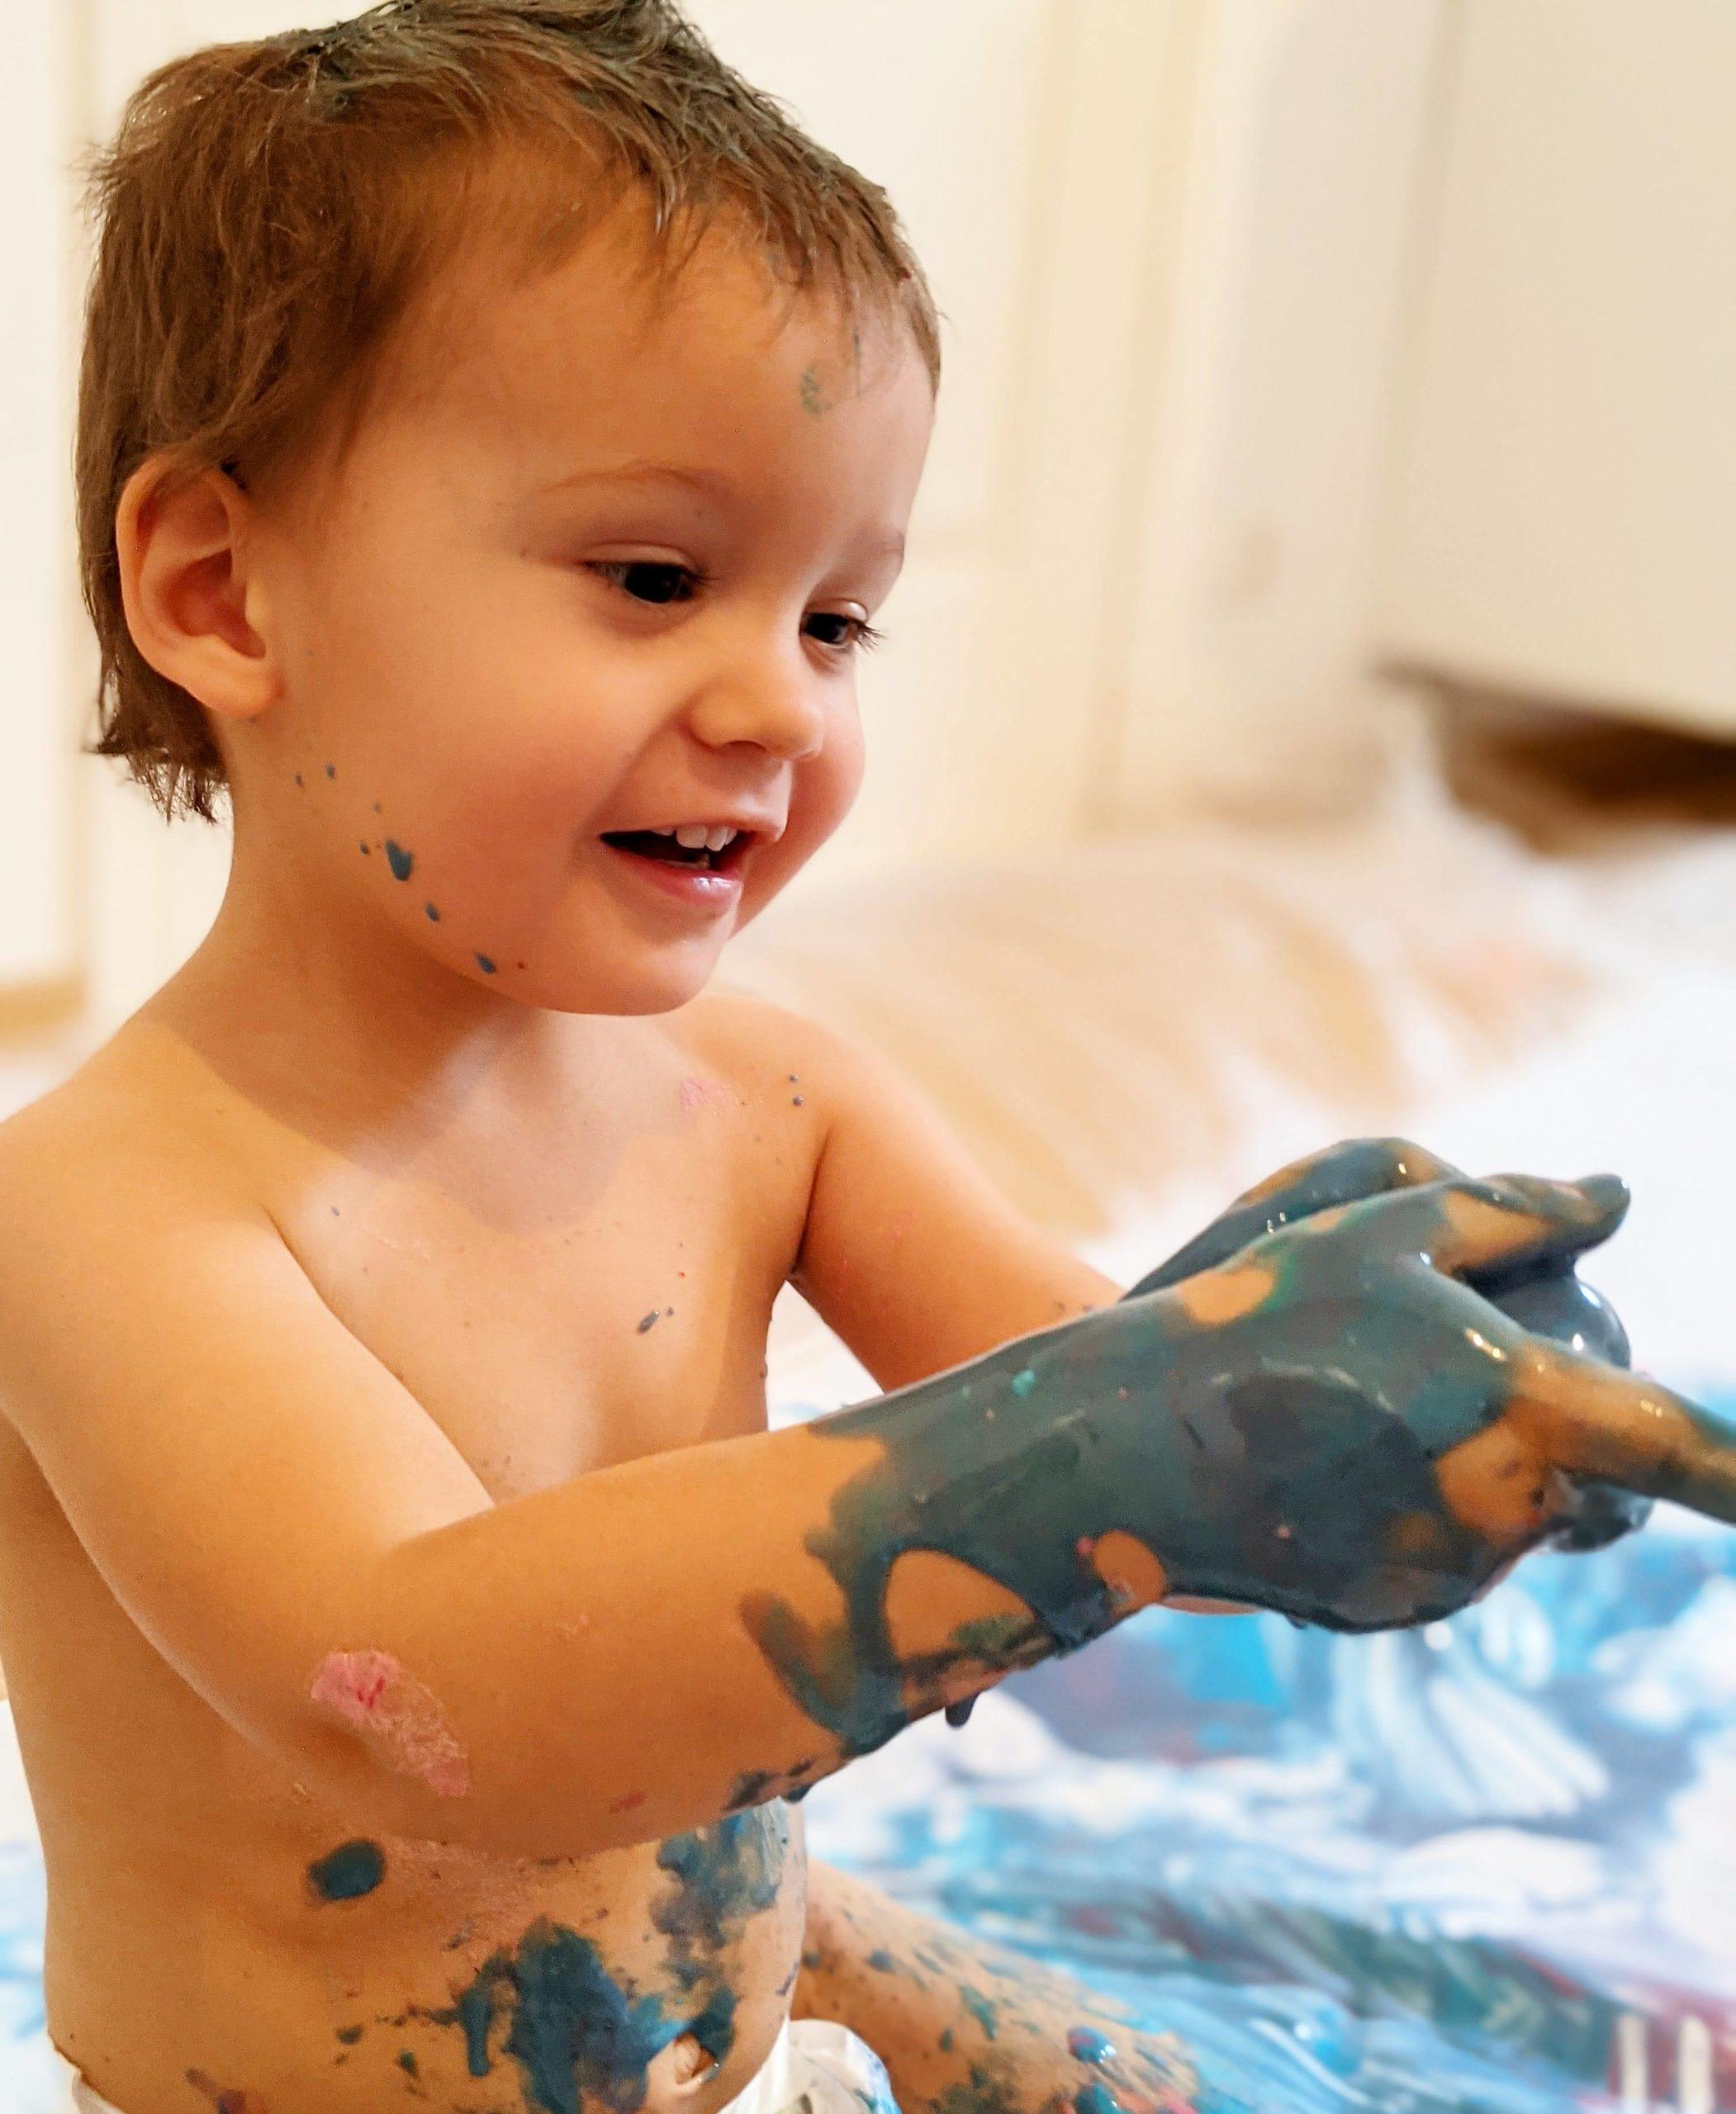 Le 23/10, atelier de peinture bébé chez 123 SOLENE, 13001 – 10H